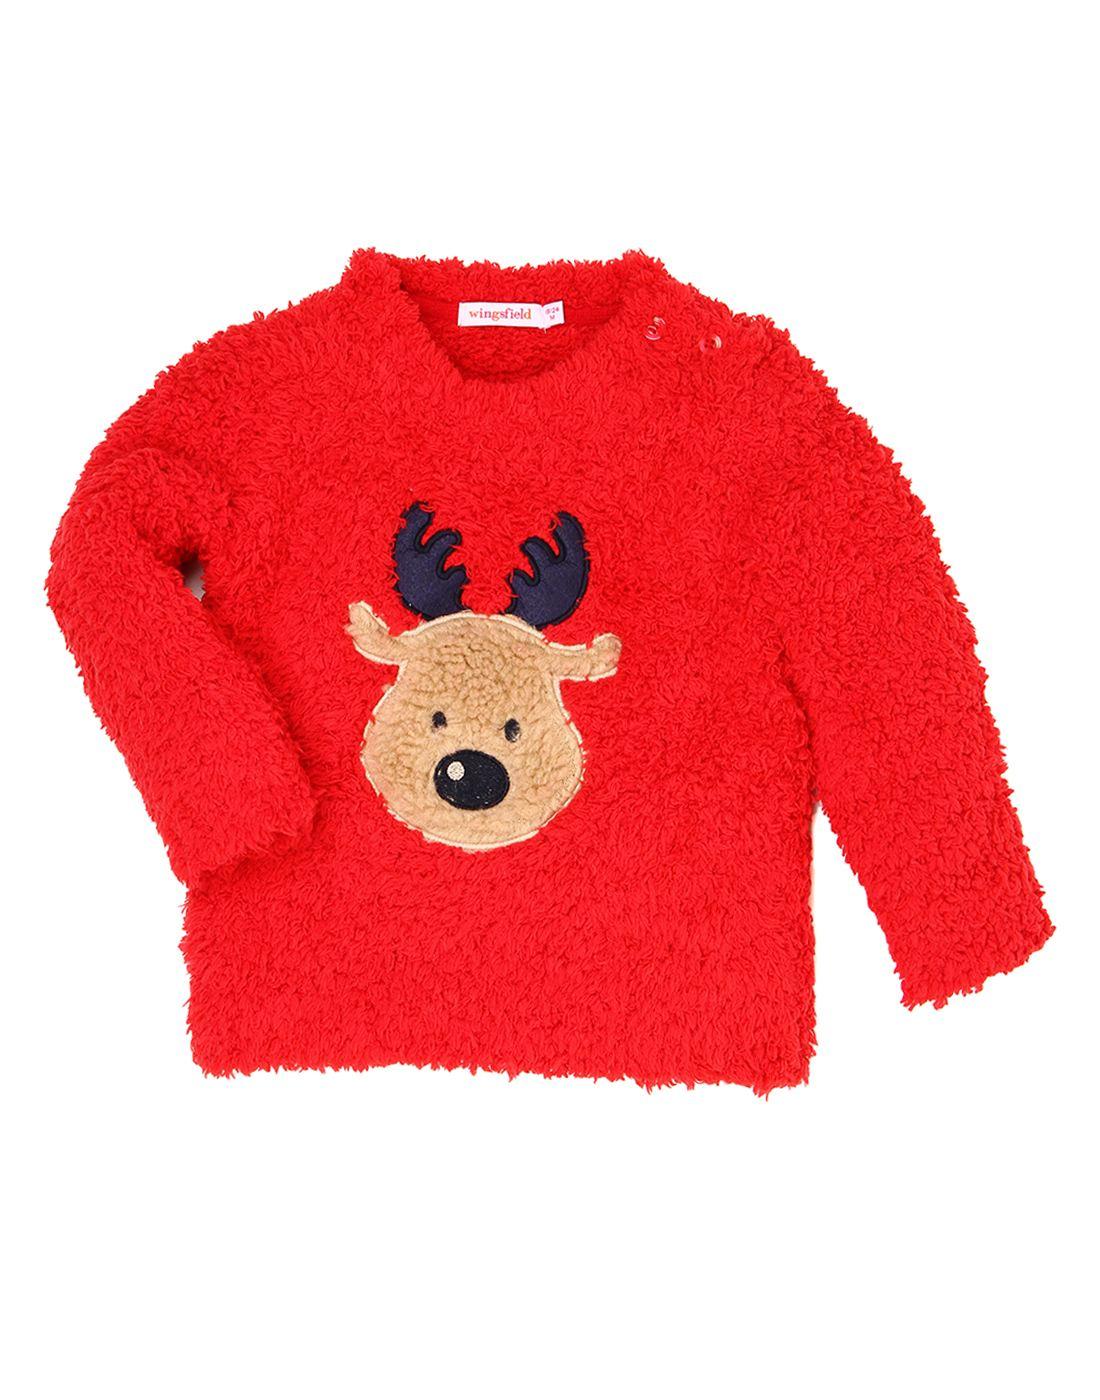 Wingsfield Red Baby Girl Winter Wear Sweater